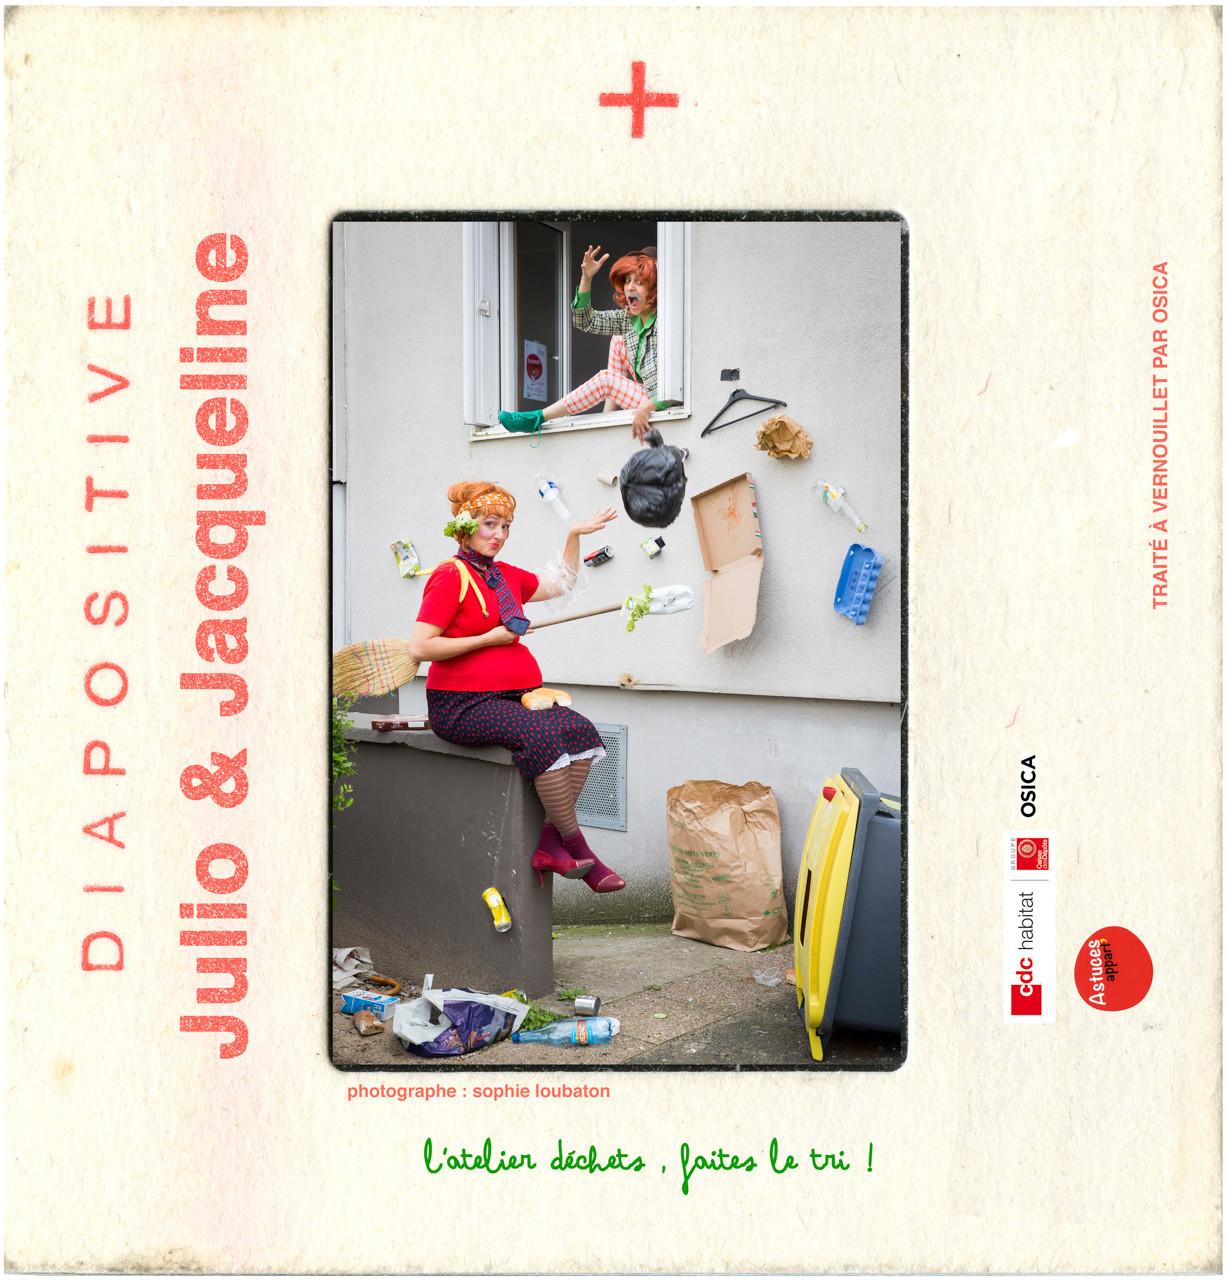 OSICA _ Compagnie La Bande Magnetique / visuels Astuce Appart. 04_atelier dechets